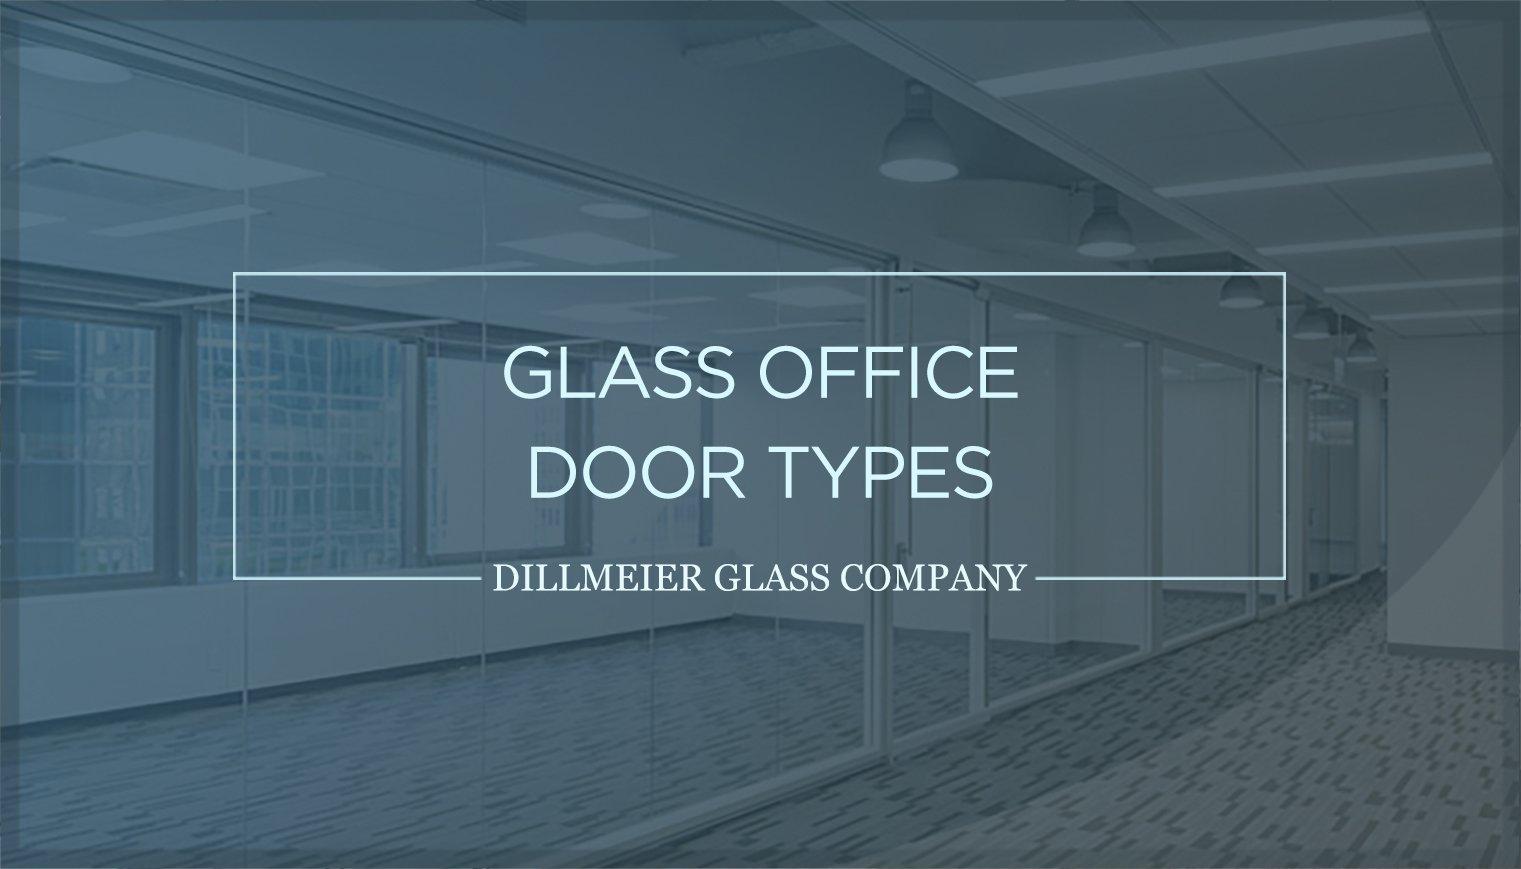 Glass-Office-Door-Types